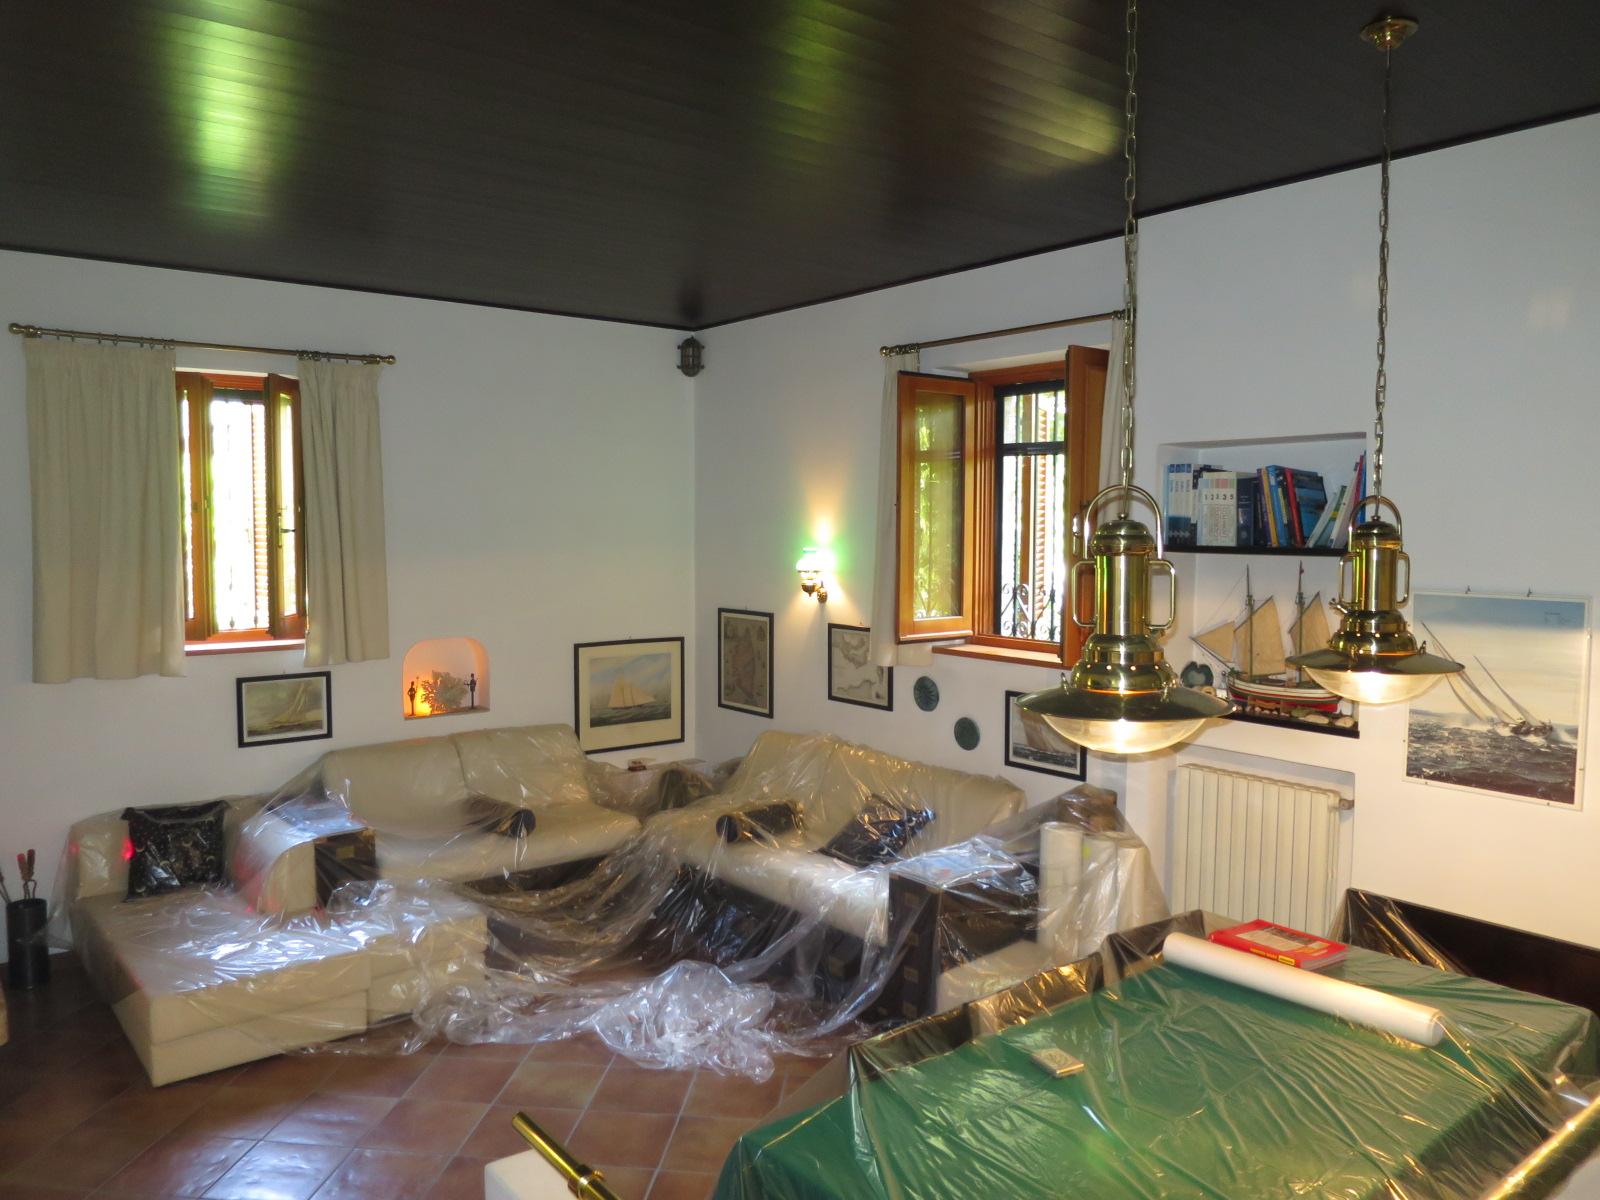 Villa Villa for sale Roseto degli Abruzzi (TE), Villa del Marinaio - Roseto degli Abruzzi - EUR 385.559 470